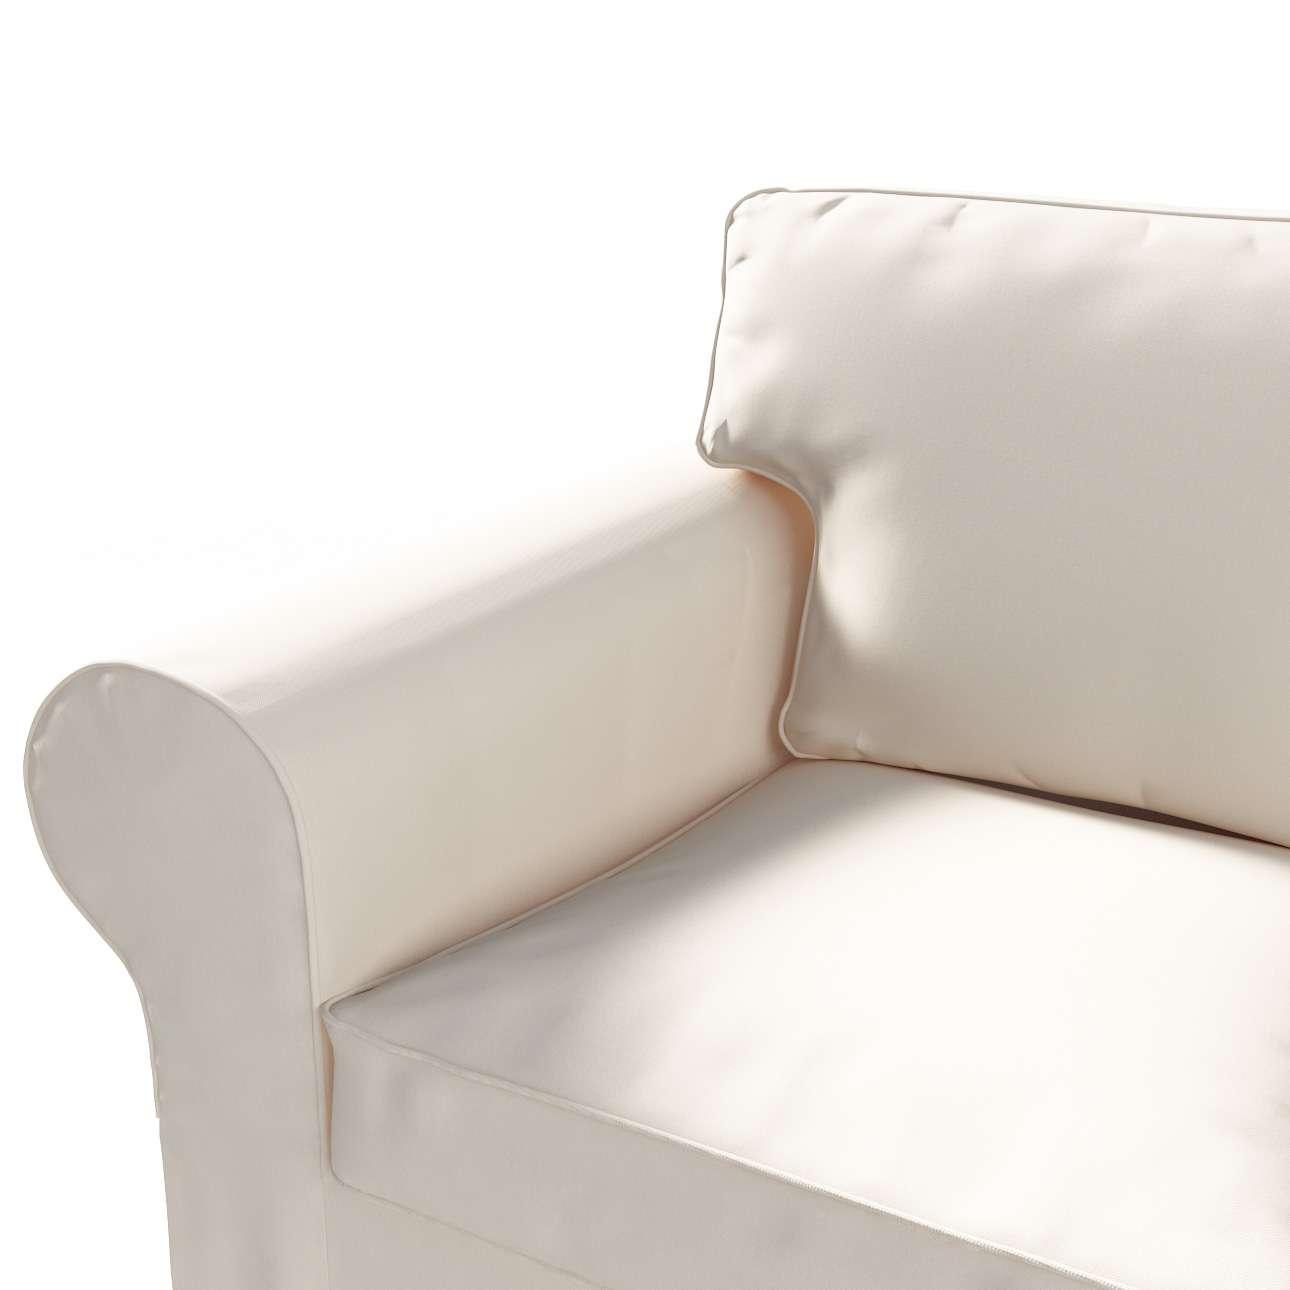 Pokrowiec na sofę Ektorp 3-osobową, rozkładaną, PIXBO w kolekcji Etna, tkanina: 705-01